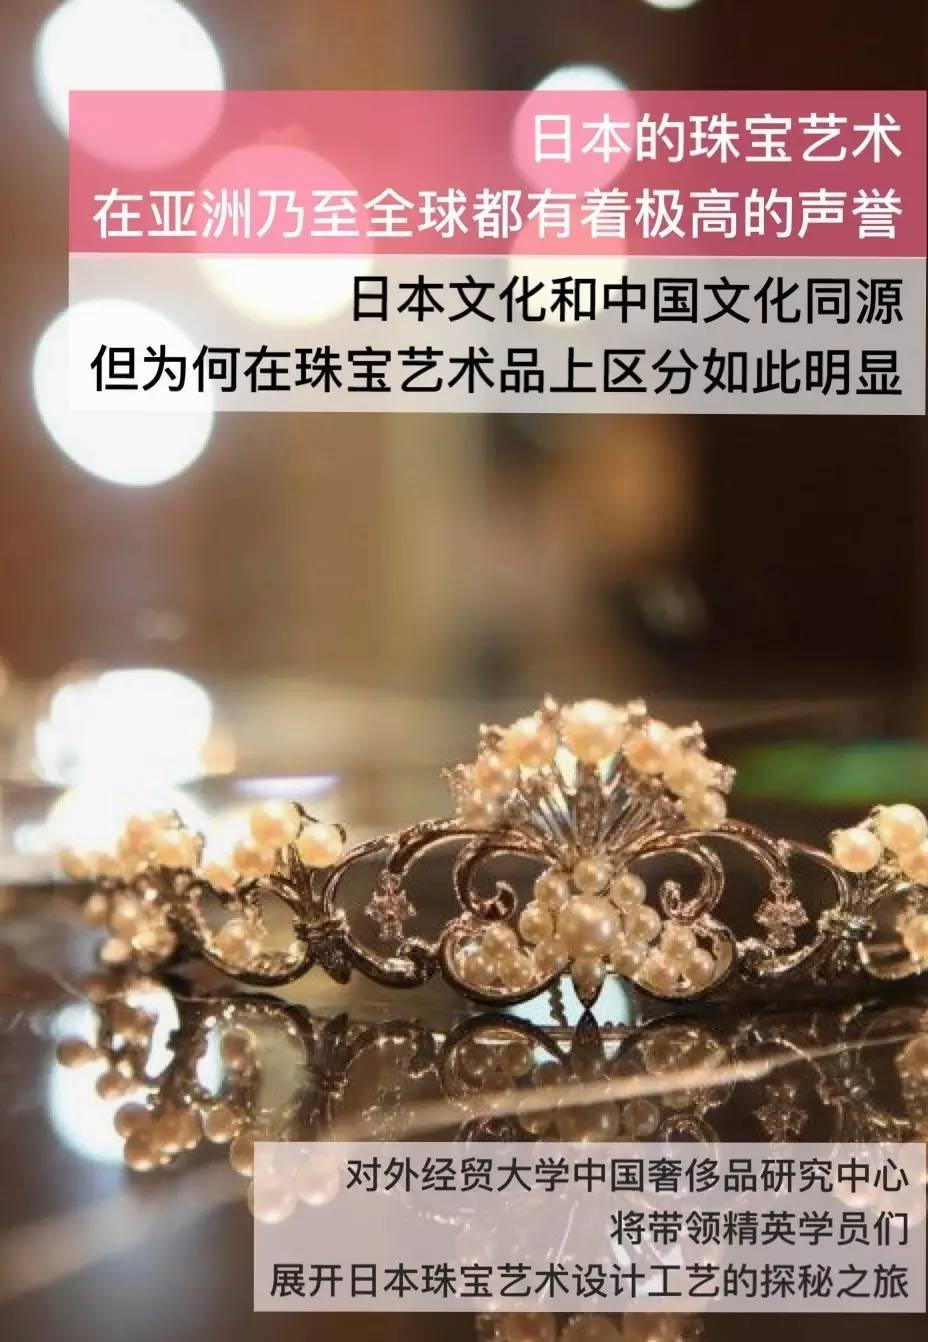 日本珠宝艺术探秘之旅